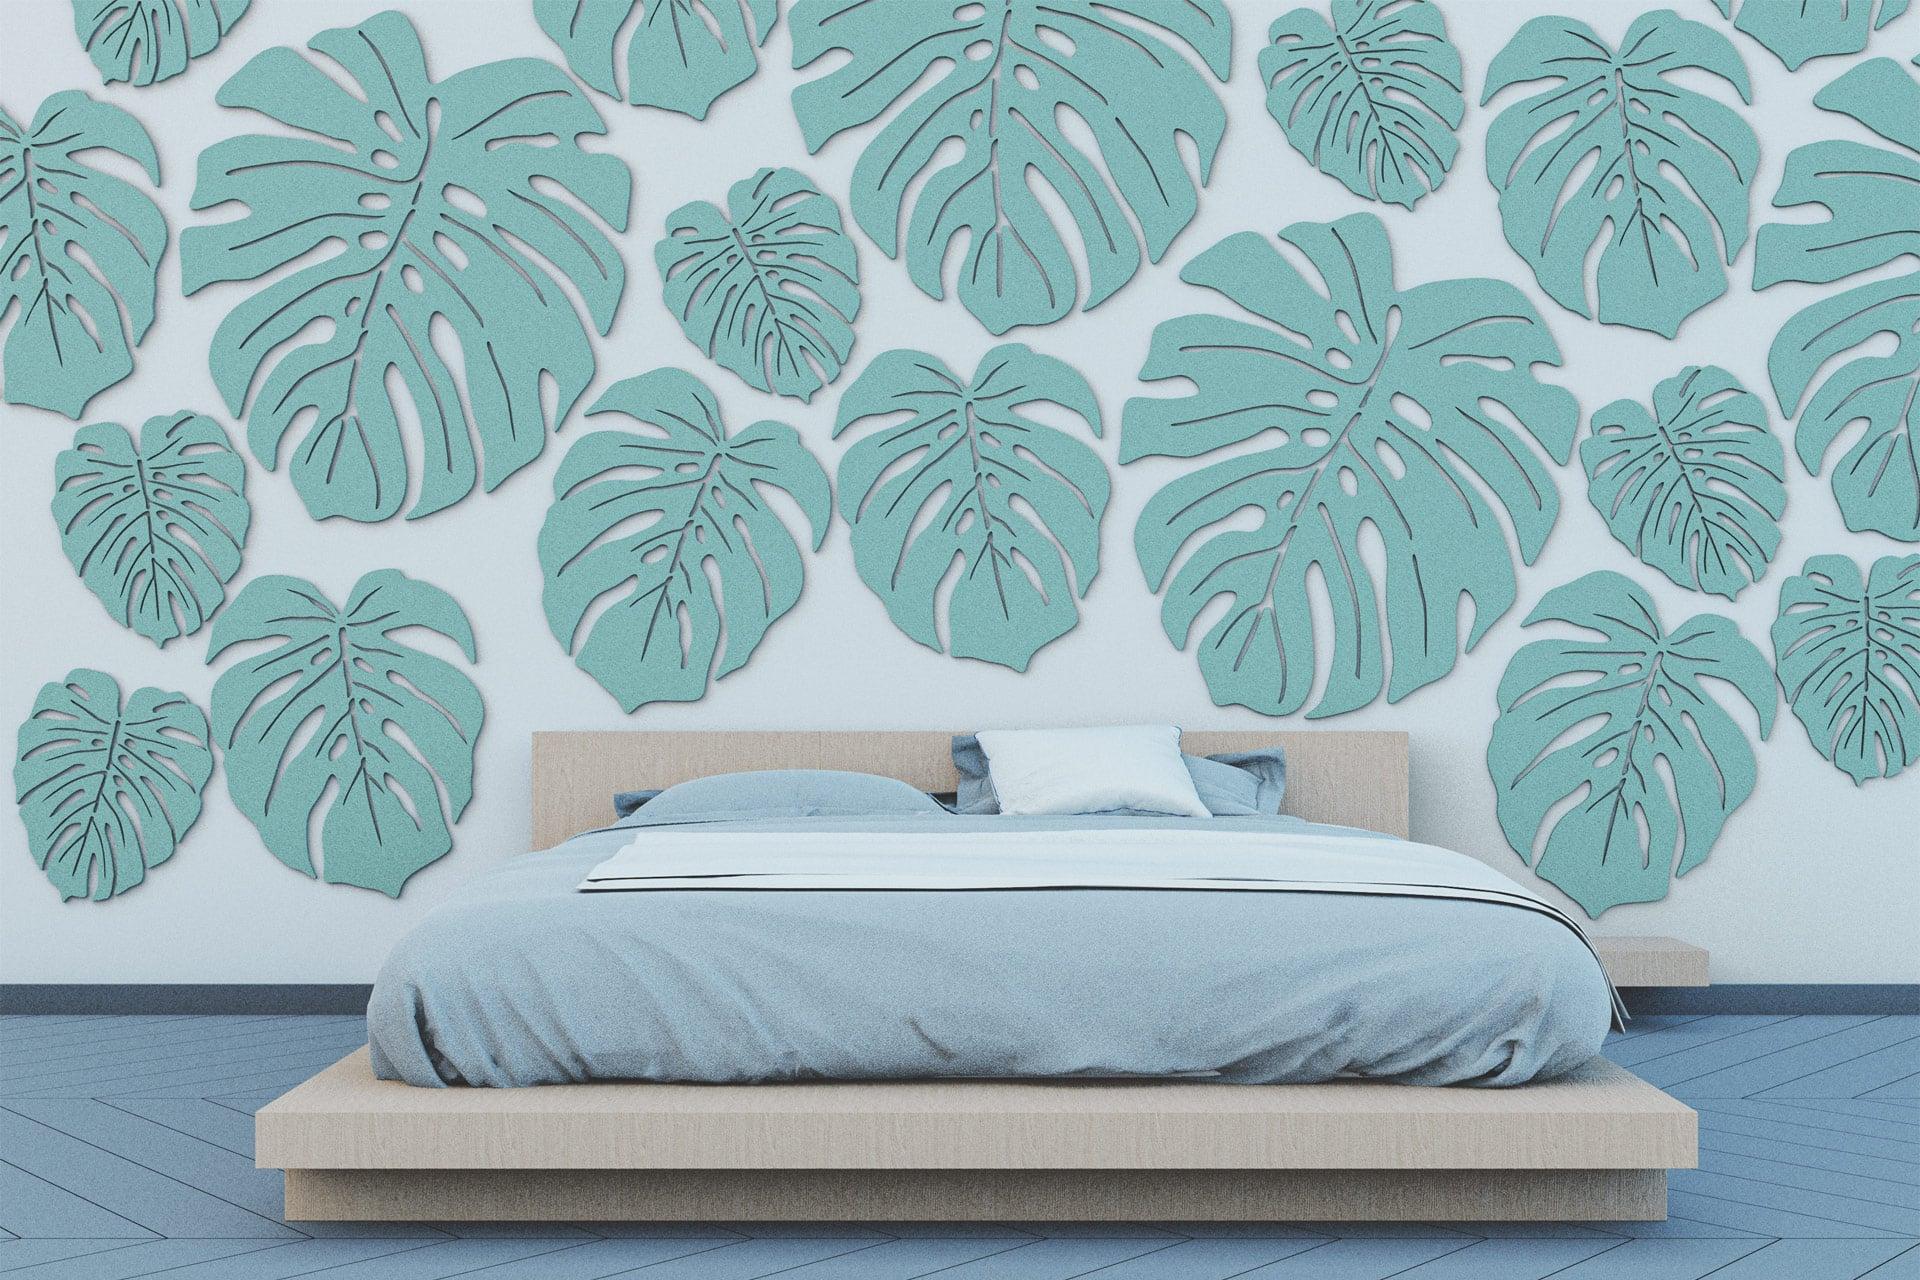 Wielkoformatowe panele ścienne EcoPET w kształcie liści monstery wyciszające sypialnię